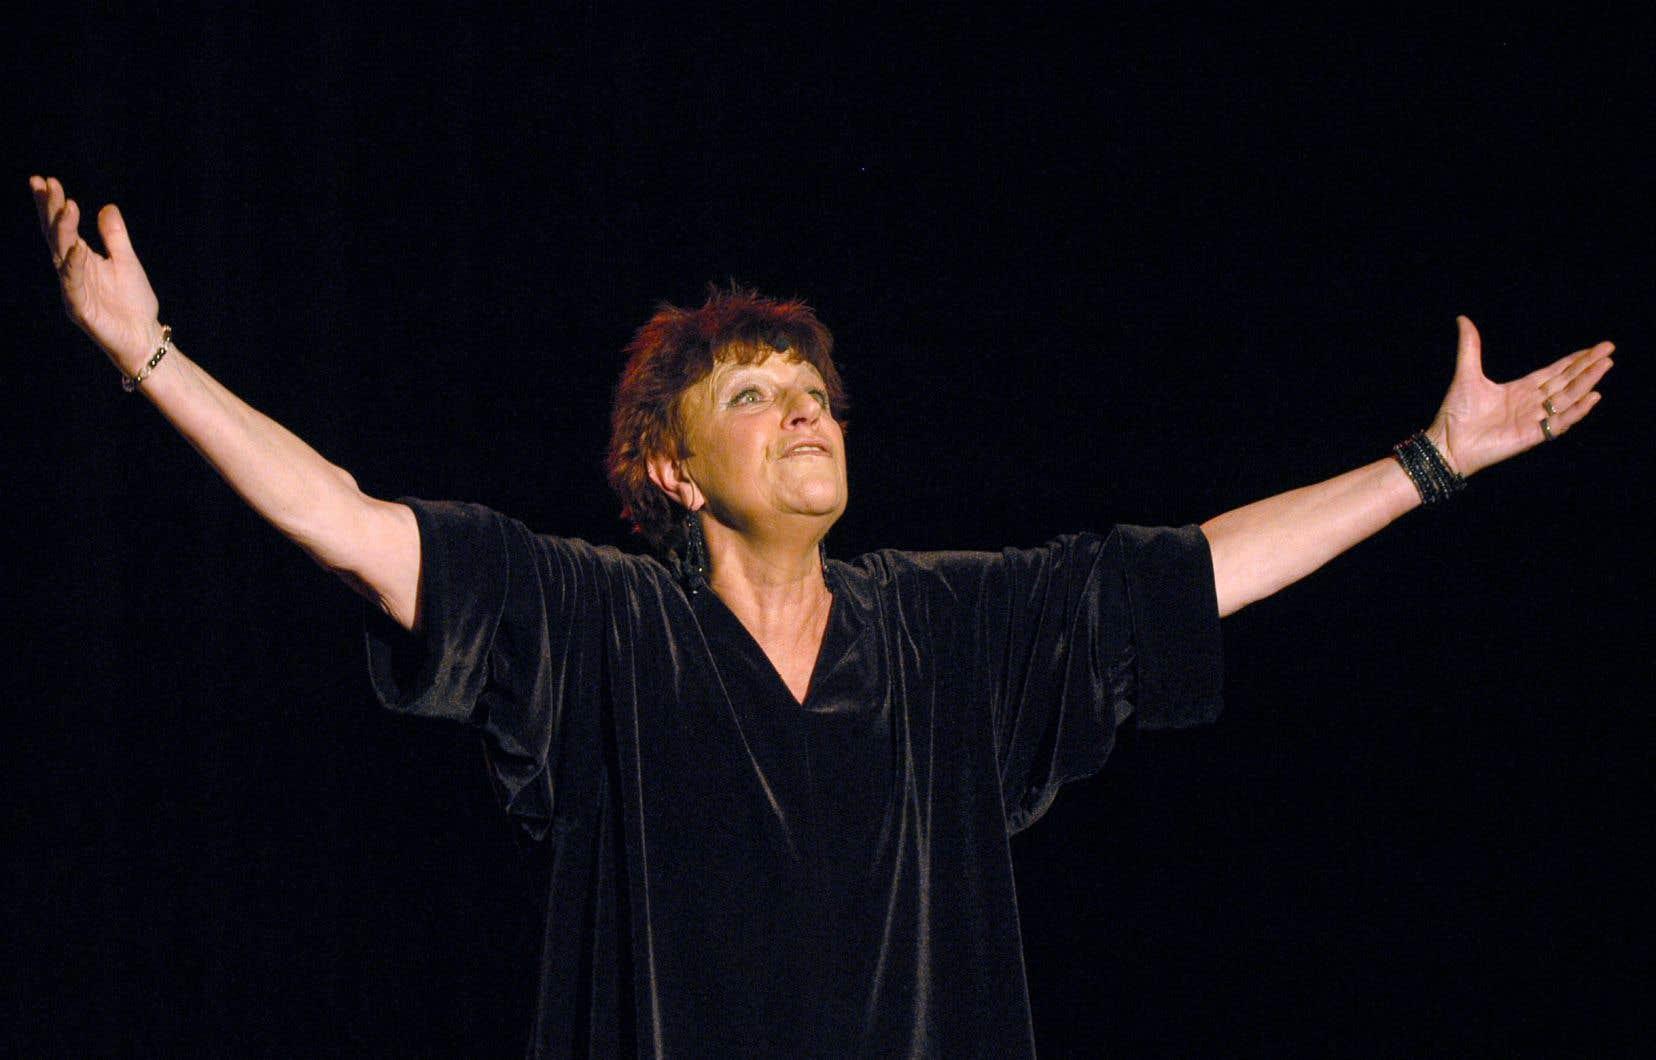 La chanteuse Anne Sylvestre lors de sa préparation pour un spectacle à l'Auditorium Saint-Germain, en 2003